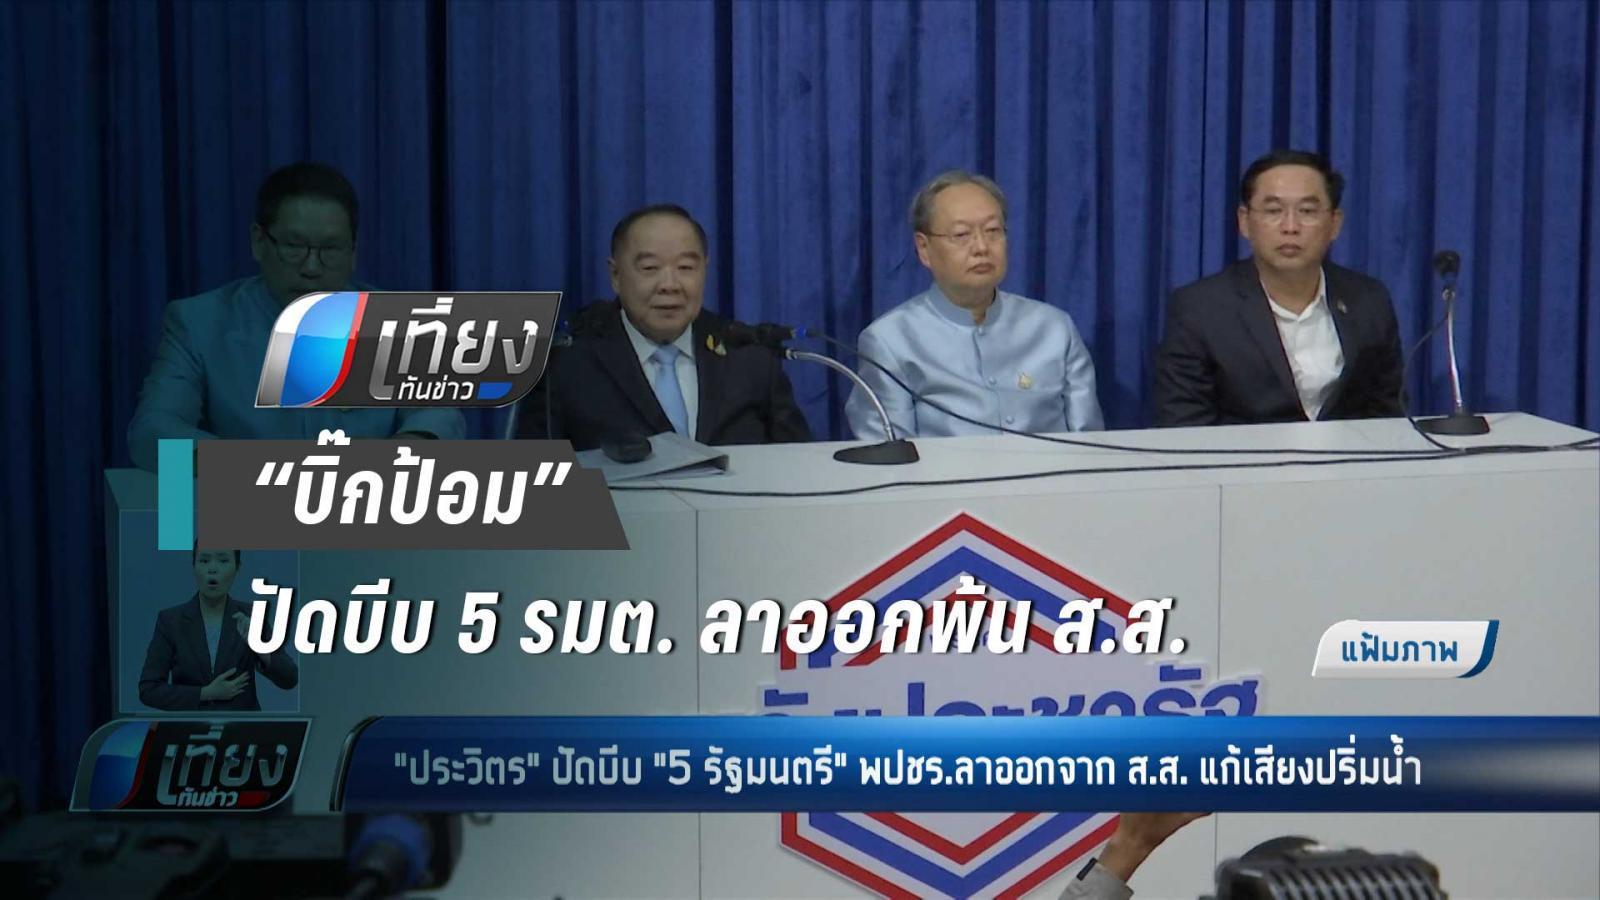 """""""บิ๊กป้อม"""" ปัดกระแสข่าวบีบ 5 รัฐมนตรีไขก๊อกพ้นตำแหน่ง ส.ส. แก้ปัญหาเสียงปริ่มน้ำ"""